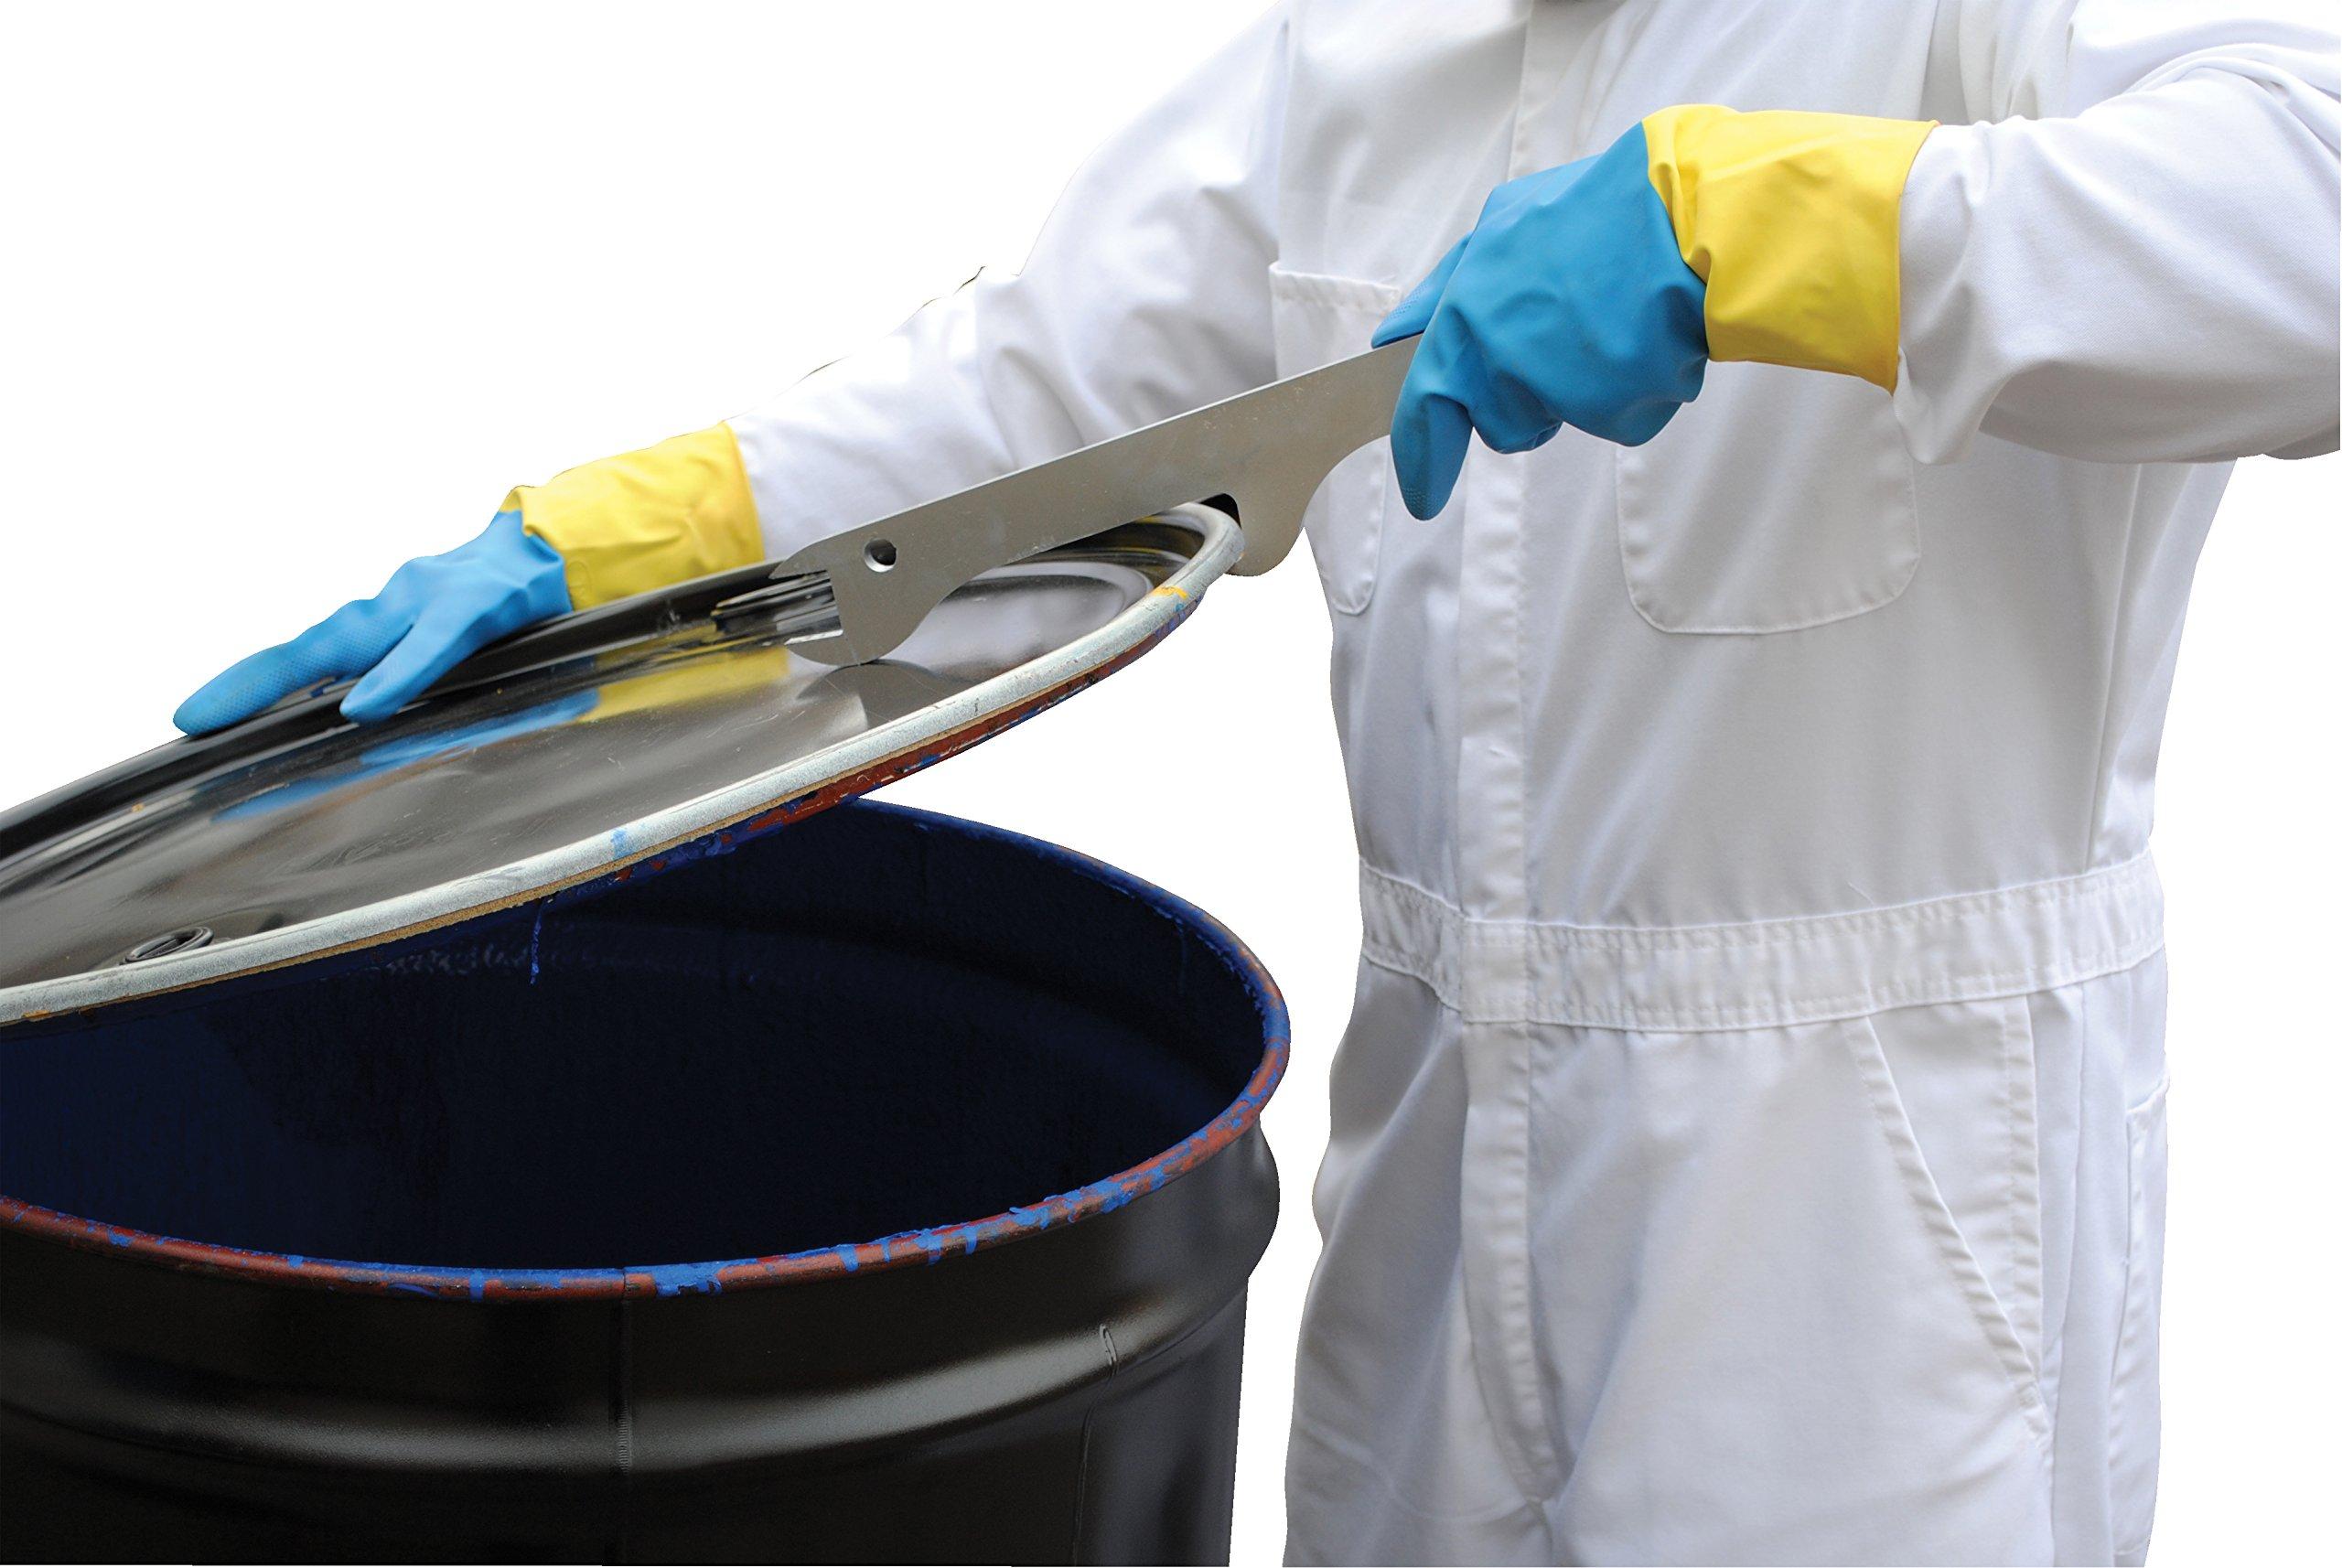 Vestil DRUM-PLB Multi-Purpose Drum Lid Tool, Yellow by Vestil (Image #1)